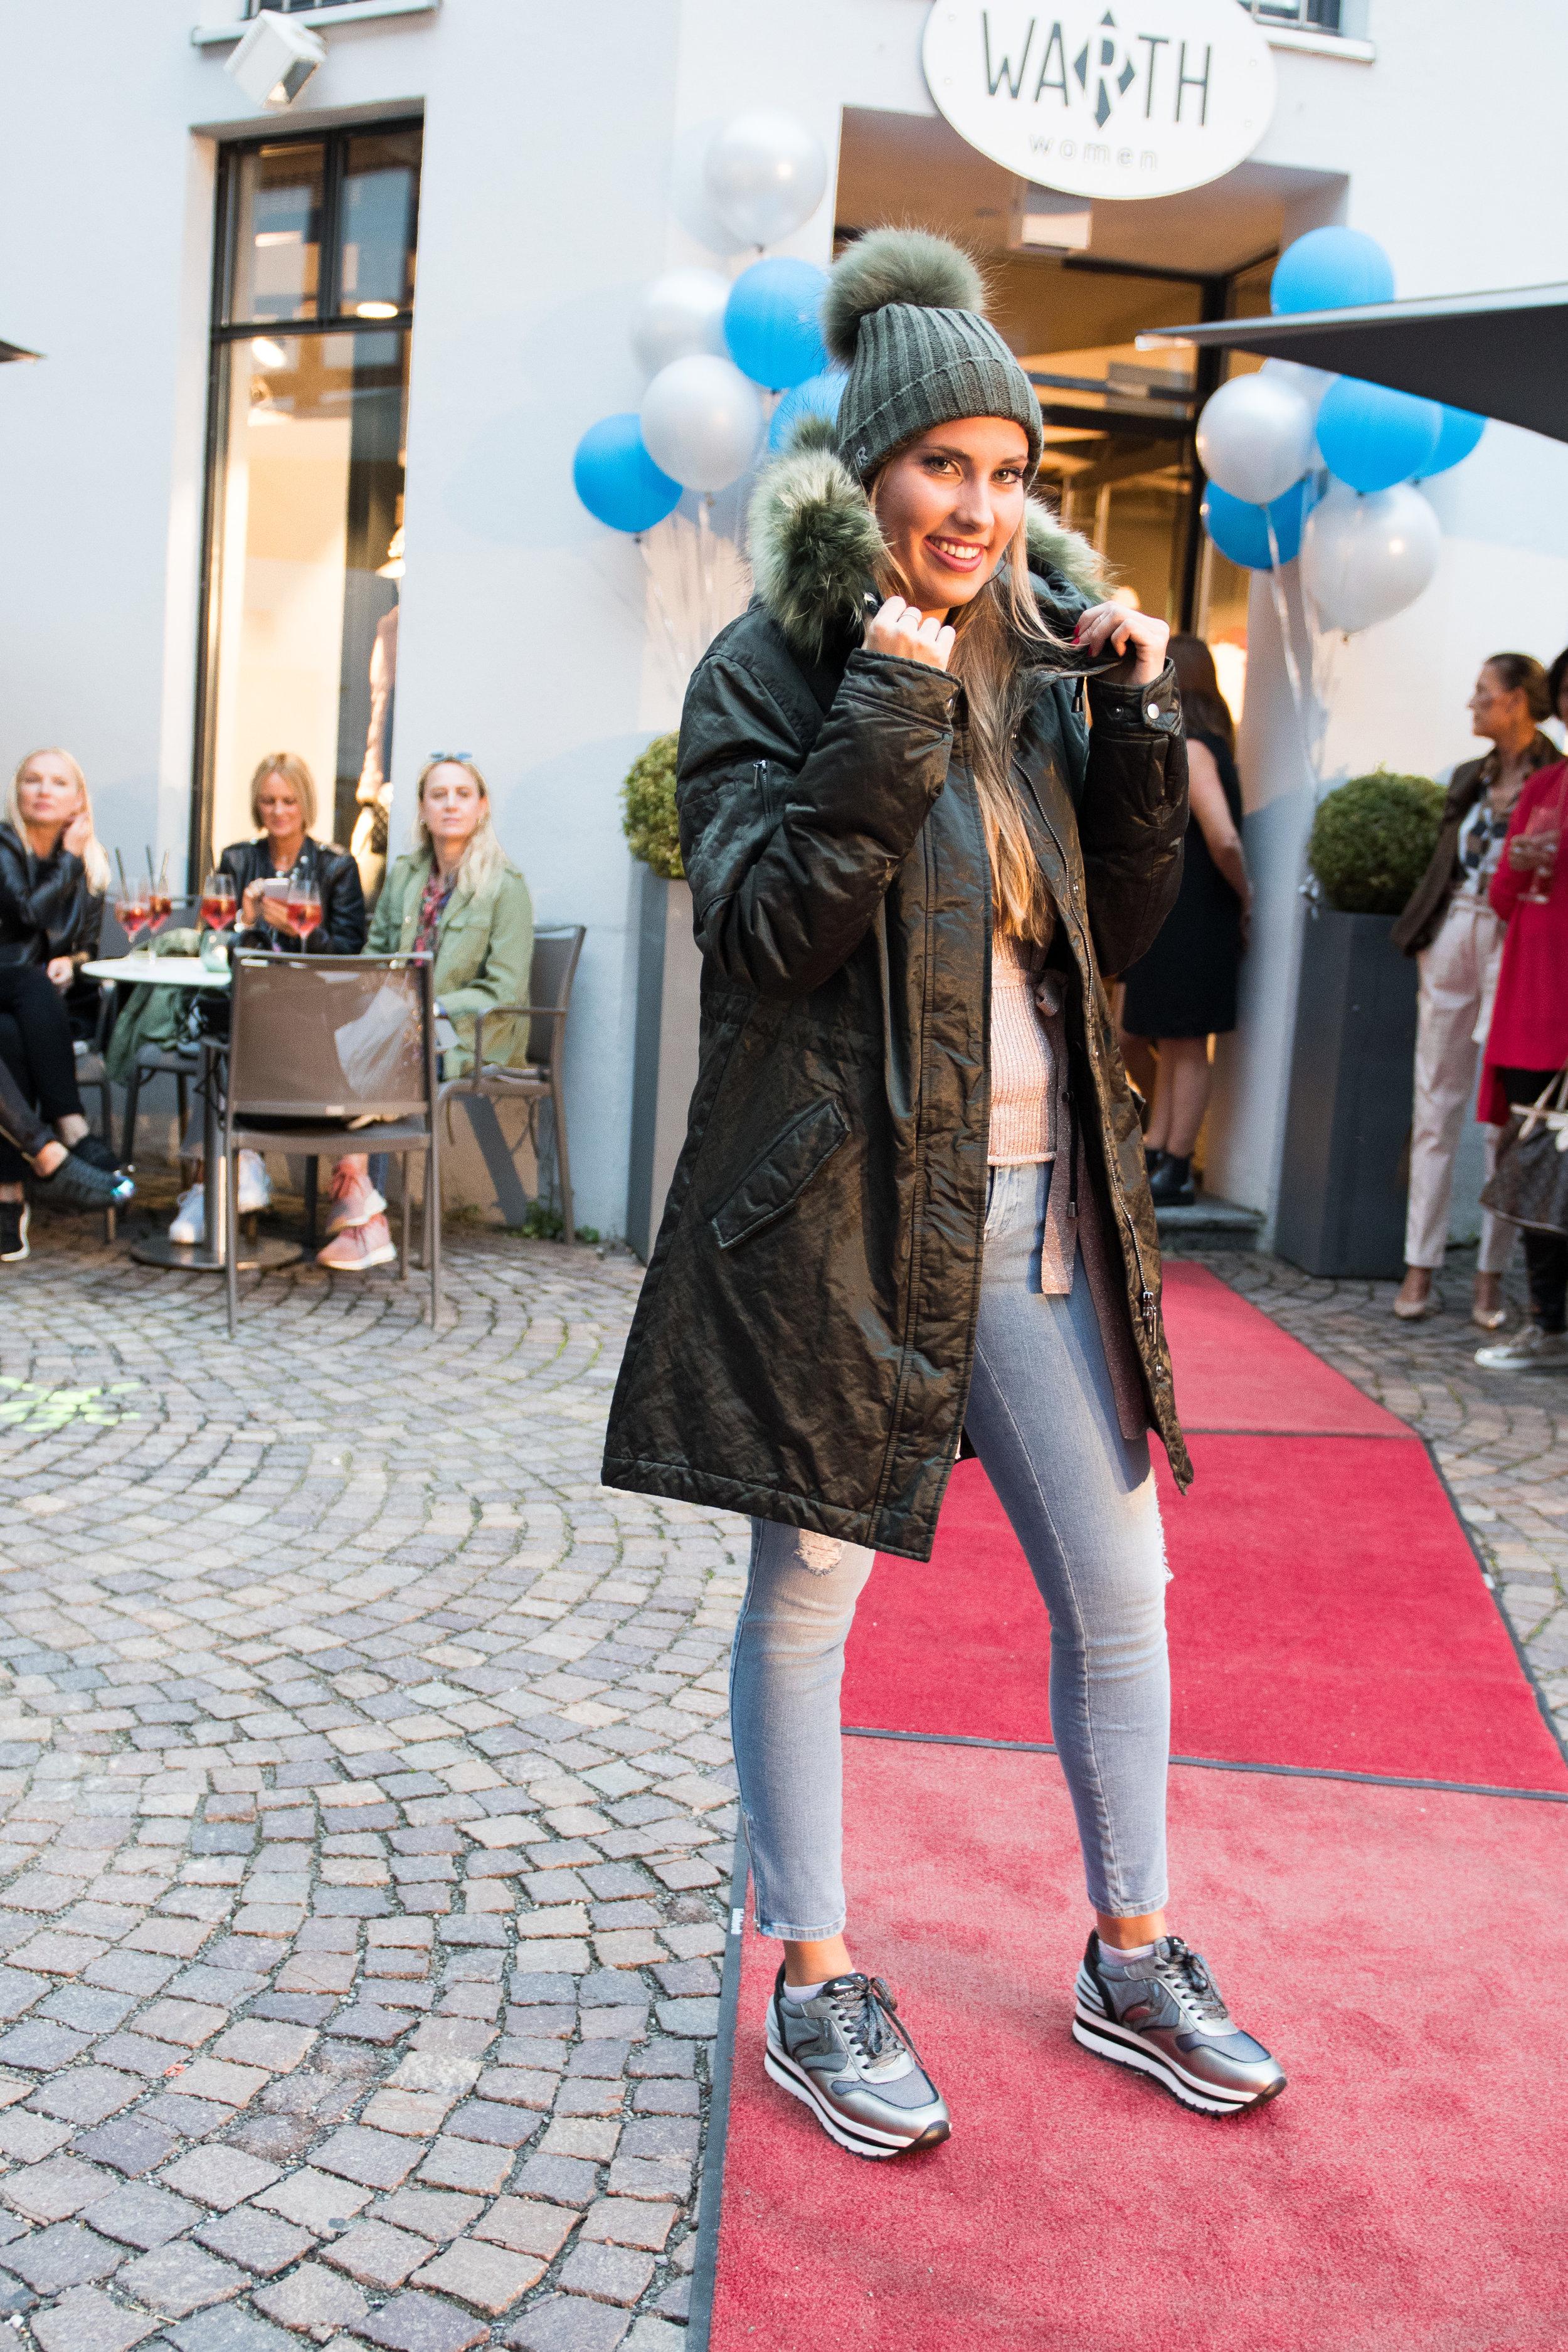 Fashionshowbackstage_58.jpg